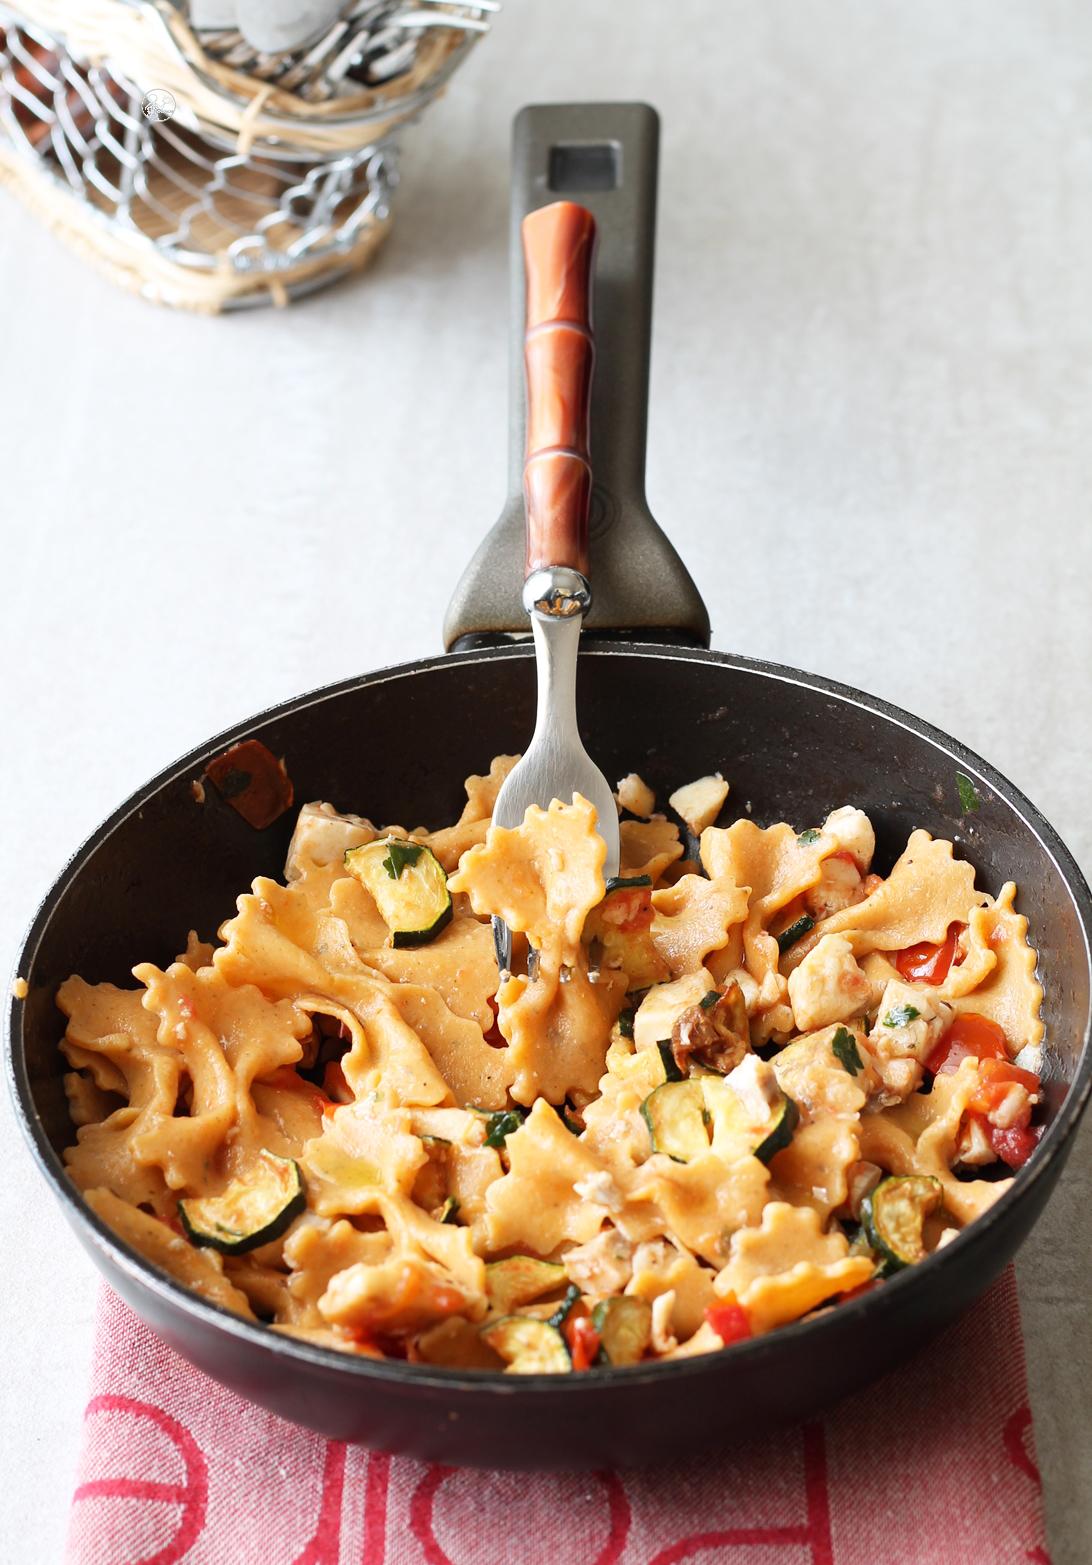 Pasta all'uovo senza glutine alla paprika con spigola e zucchine - La Cassata Celiaca